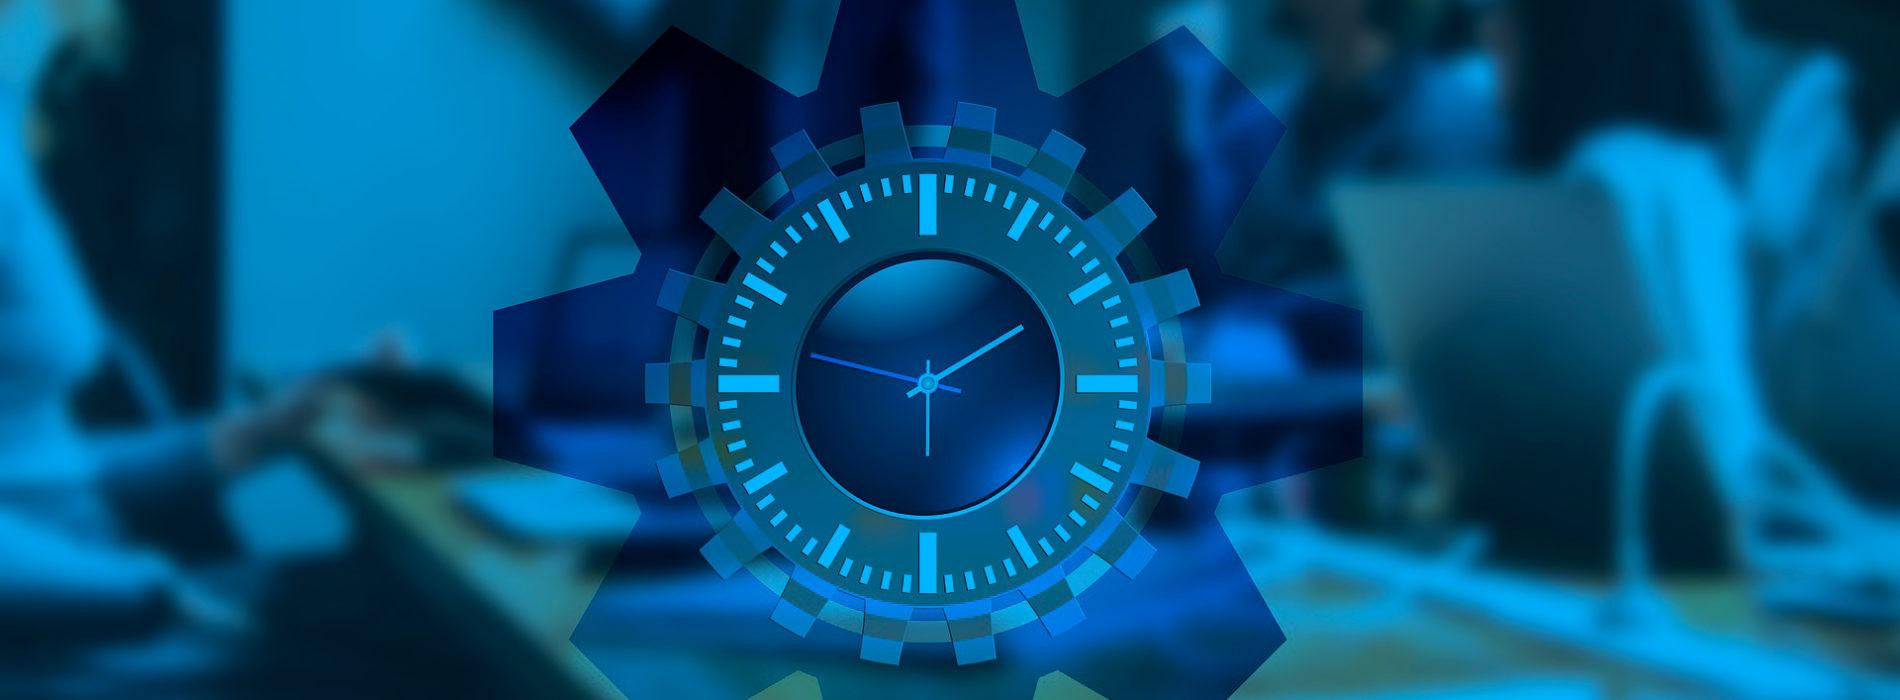 Jakie korzyści płyną z wdrożenia systemu rozliczania czasu pracy w produkcji?